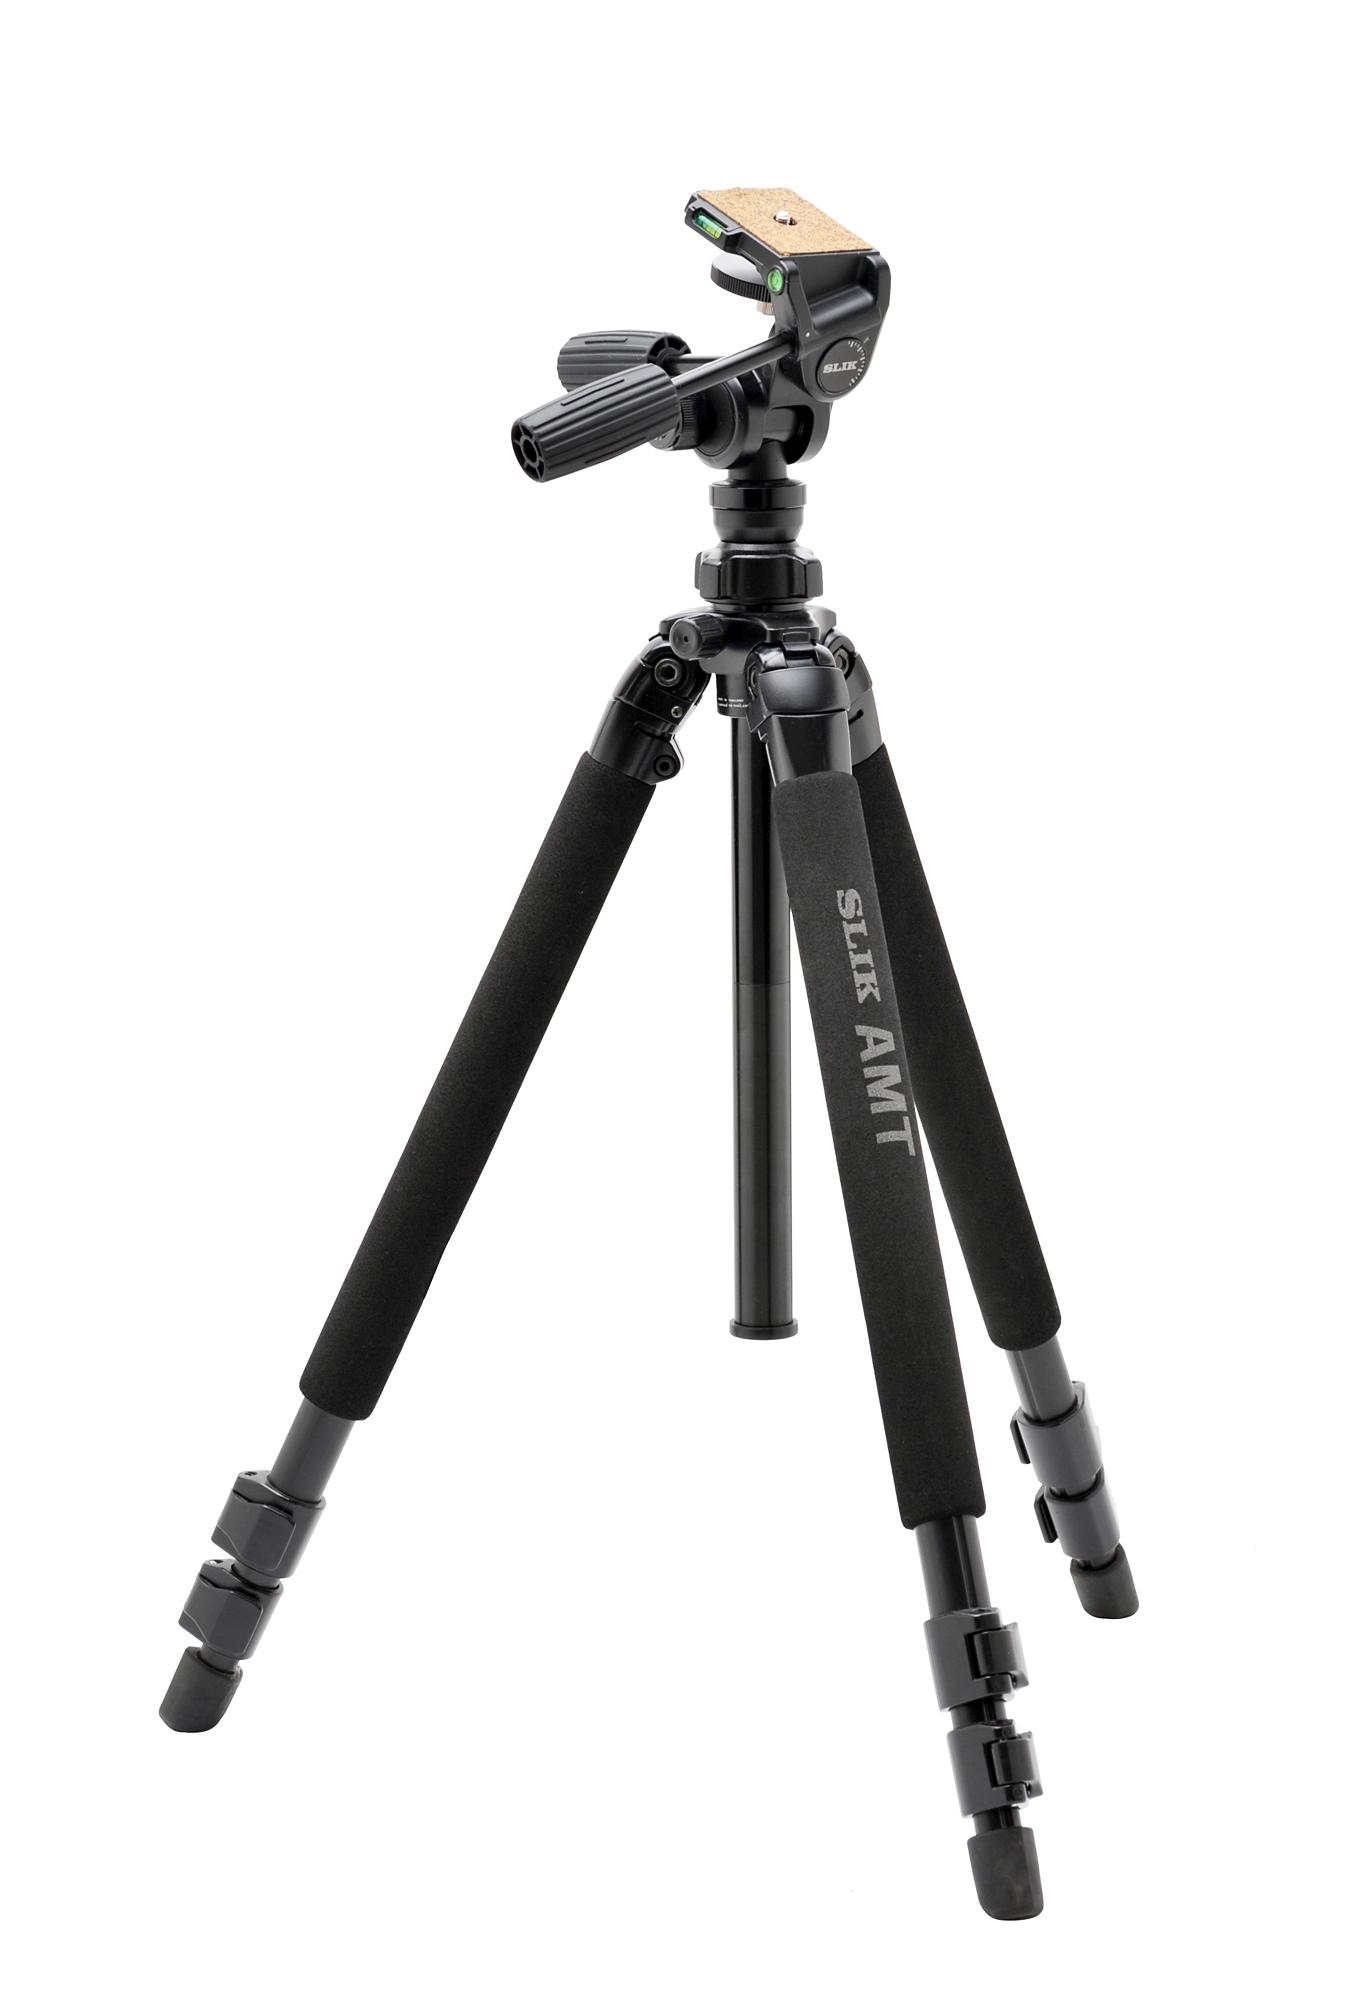 SLIK プロ 500 DX-III N 三脚